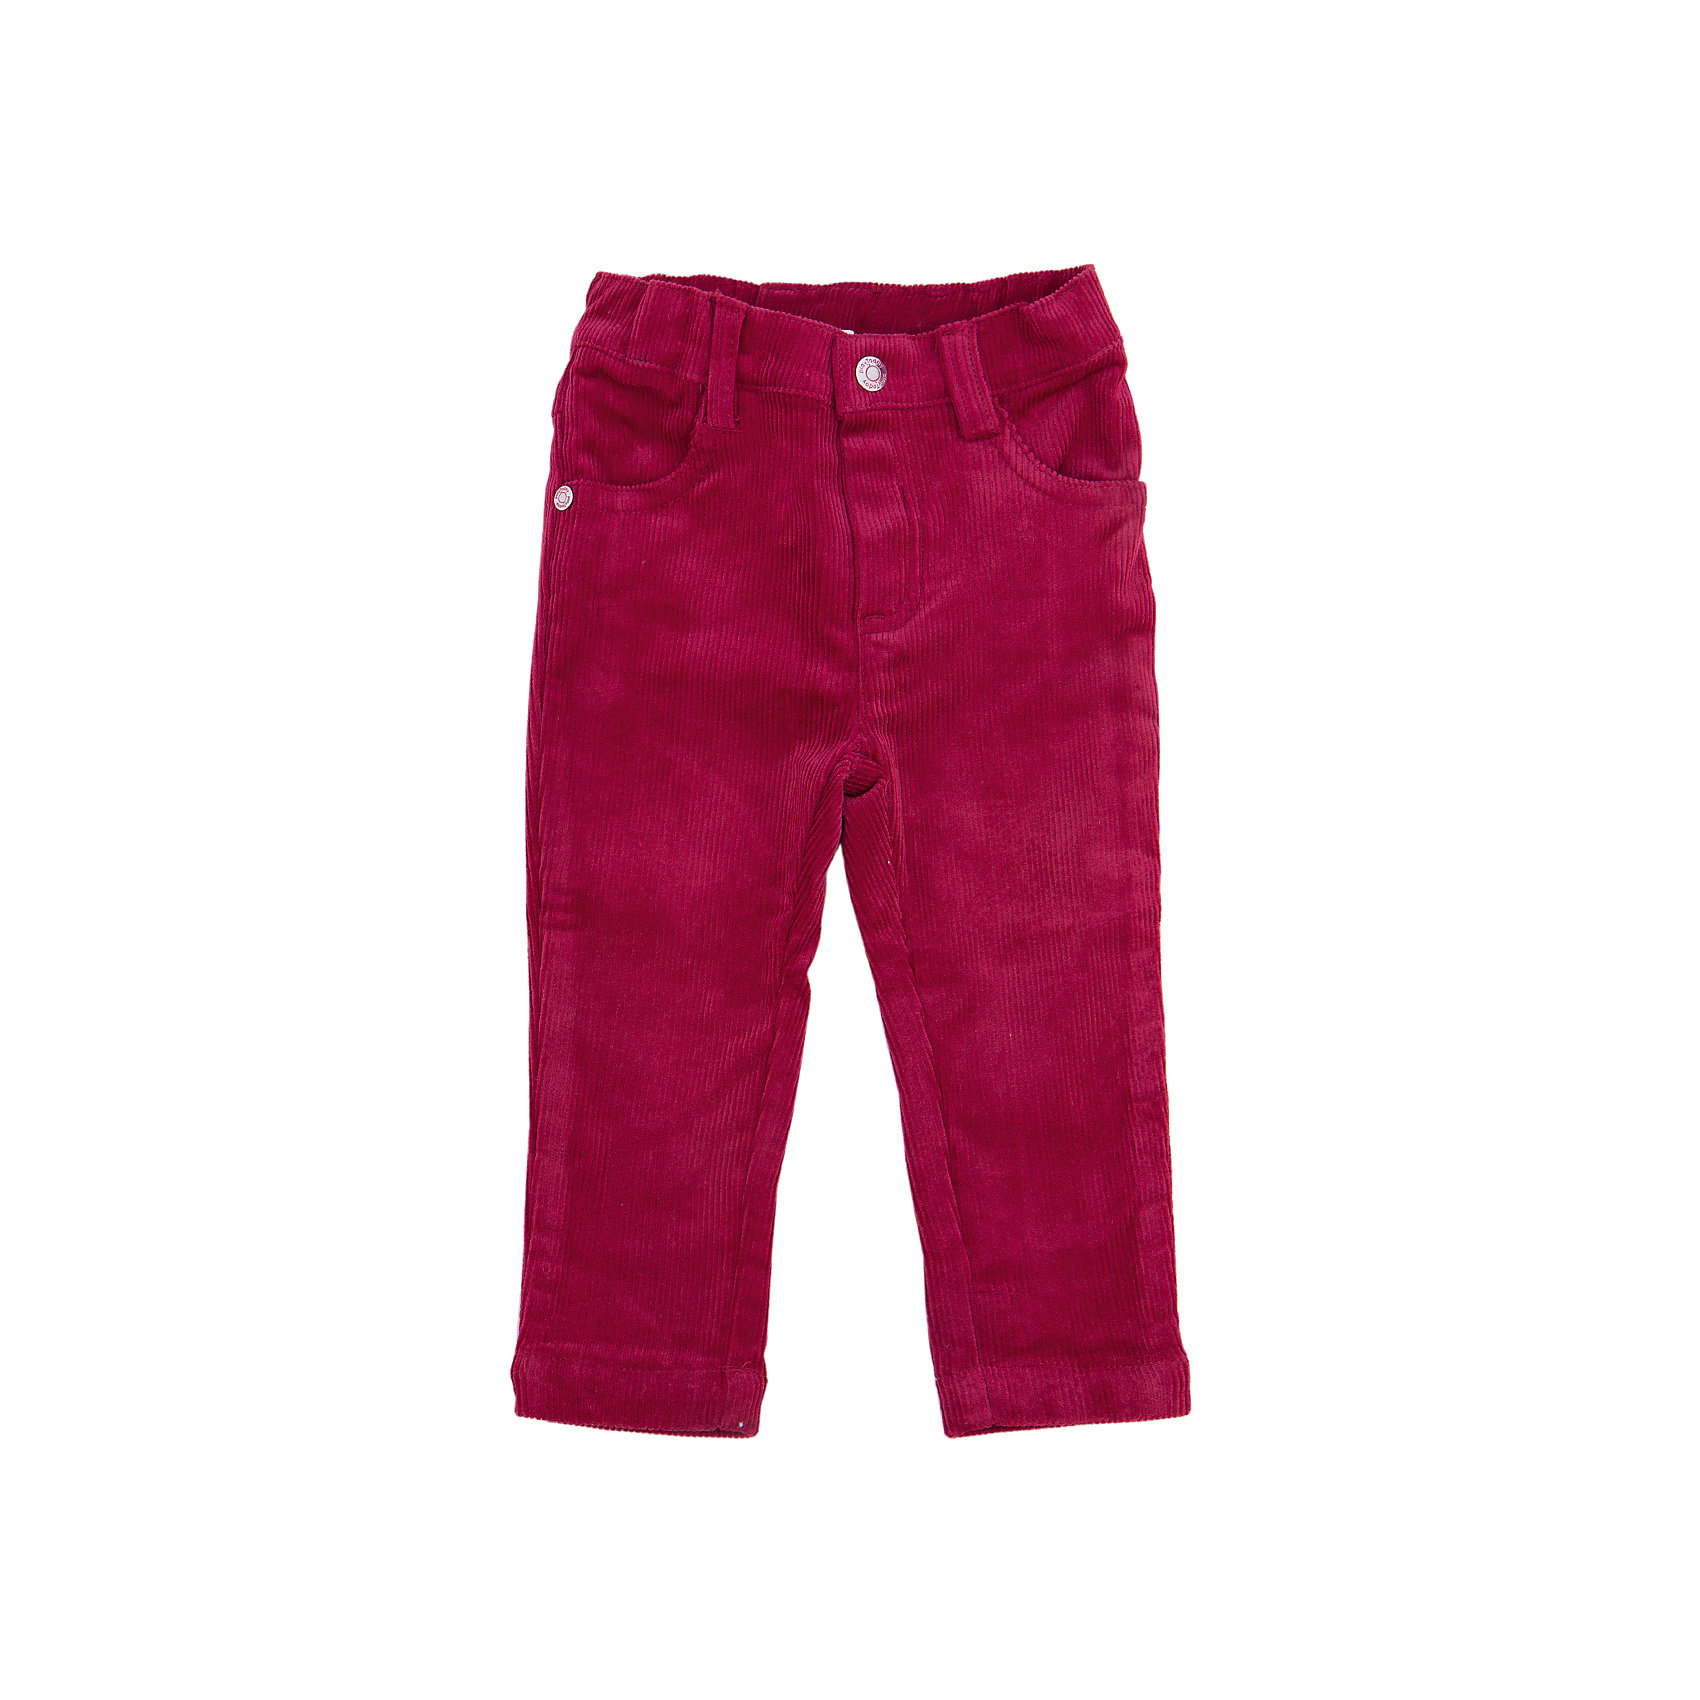 Брюки для мальчика PlayTodayДжинсы и брючки<br>Брюки для мальчика от известного бренда PlayToday.<br>Стильные вельветовые брюки зауженного кроя. Застегиваются на молнию и пуговицу. Есть 4 функциональных кармана.<br>Состав:<br>98% хлопок, 2% эластан<br><br>Ширина мм: 157<br>Глубина мм: 13<br>Высота мм: 119<br>Вес г: 200<br>Цвет: бордовый<br>Возраст от месяцев: 6<br>Возраст до месяцев: 9<br>Пол: Мужской<br>Возраст: Детский<br>Размер: 74,80,86,92<br>SKU: 4900936